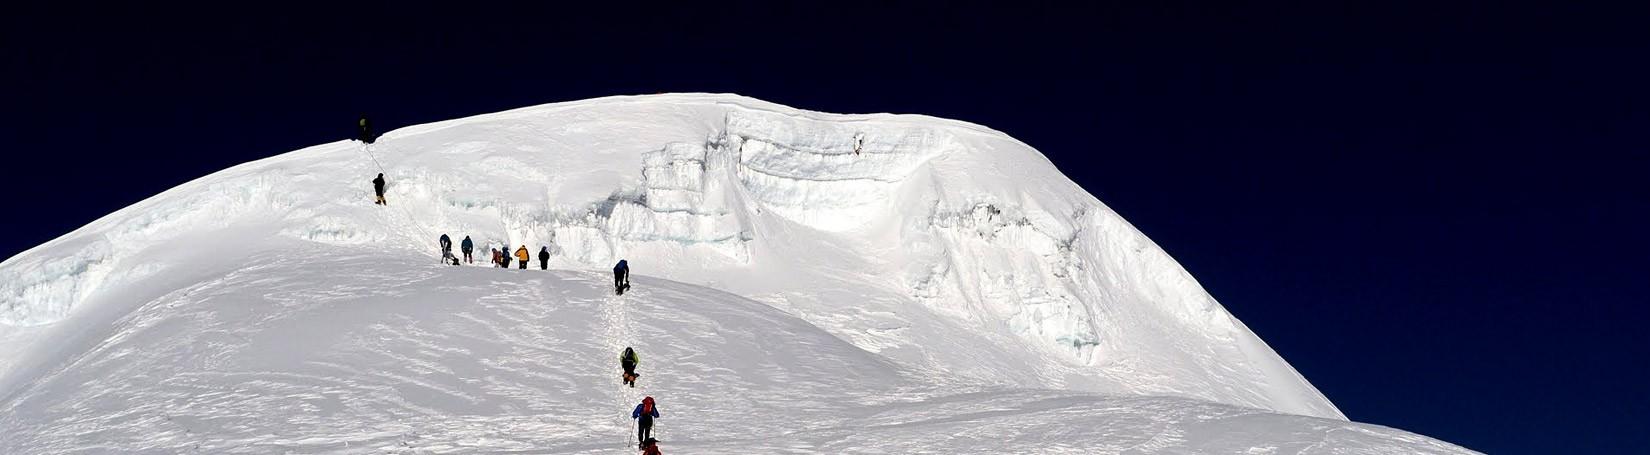 Meera Peak Summit